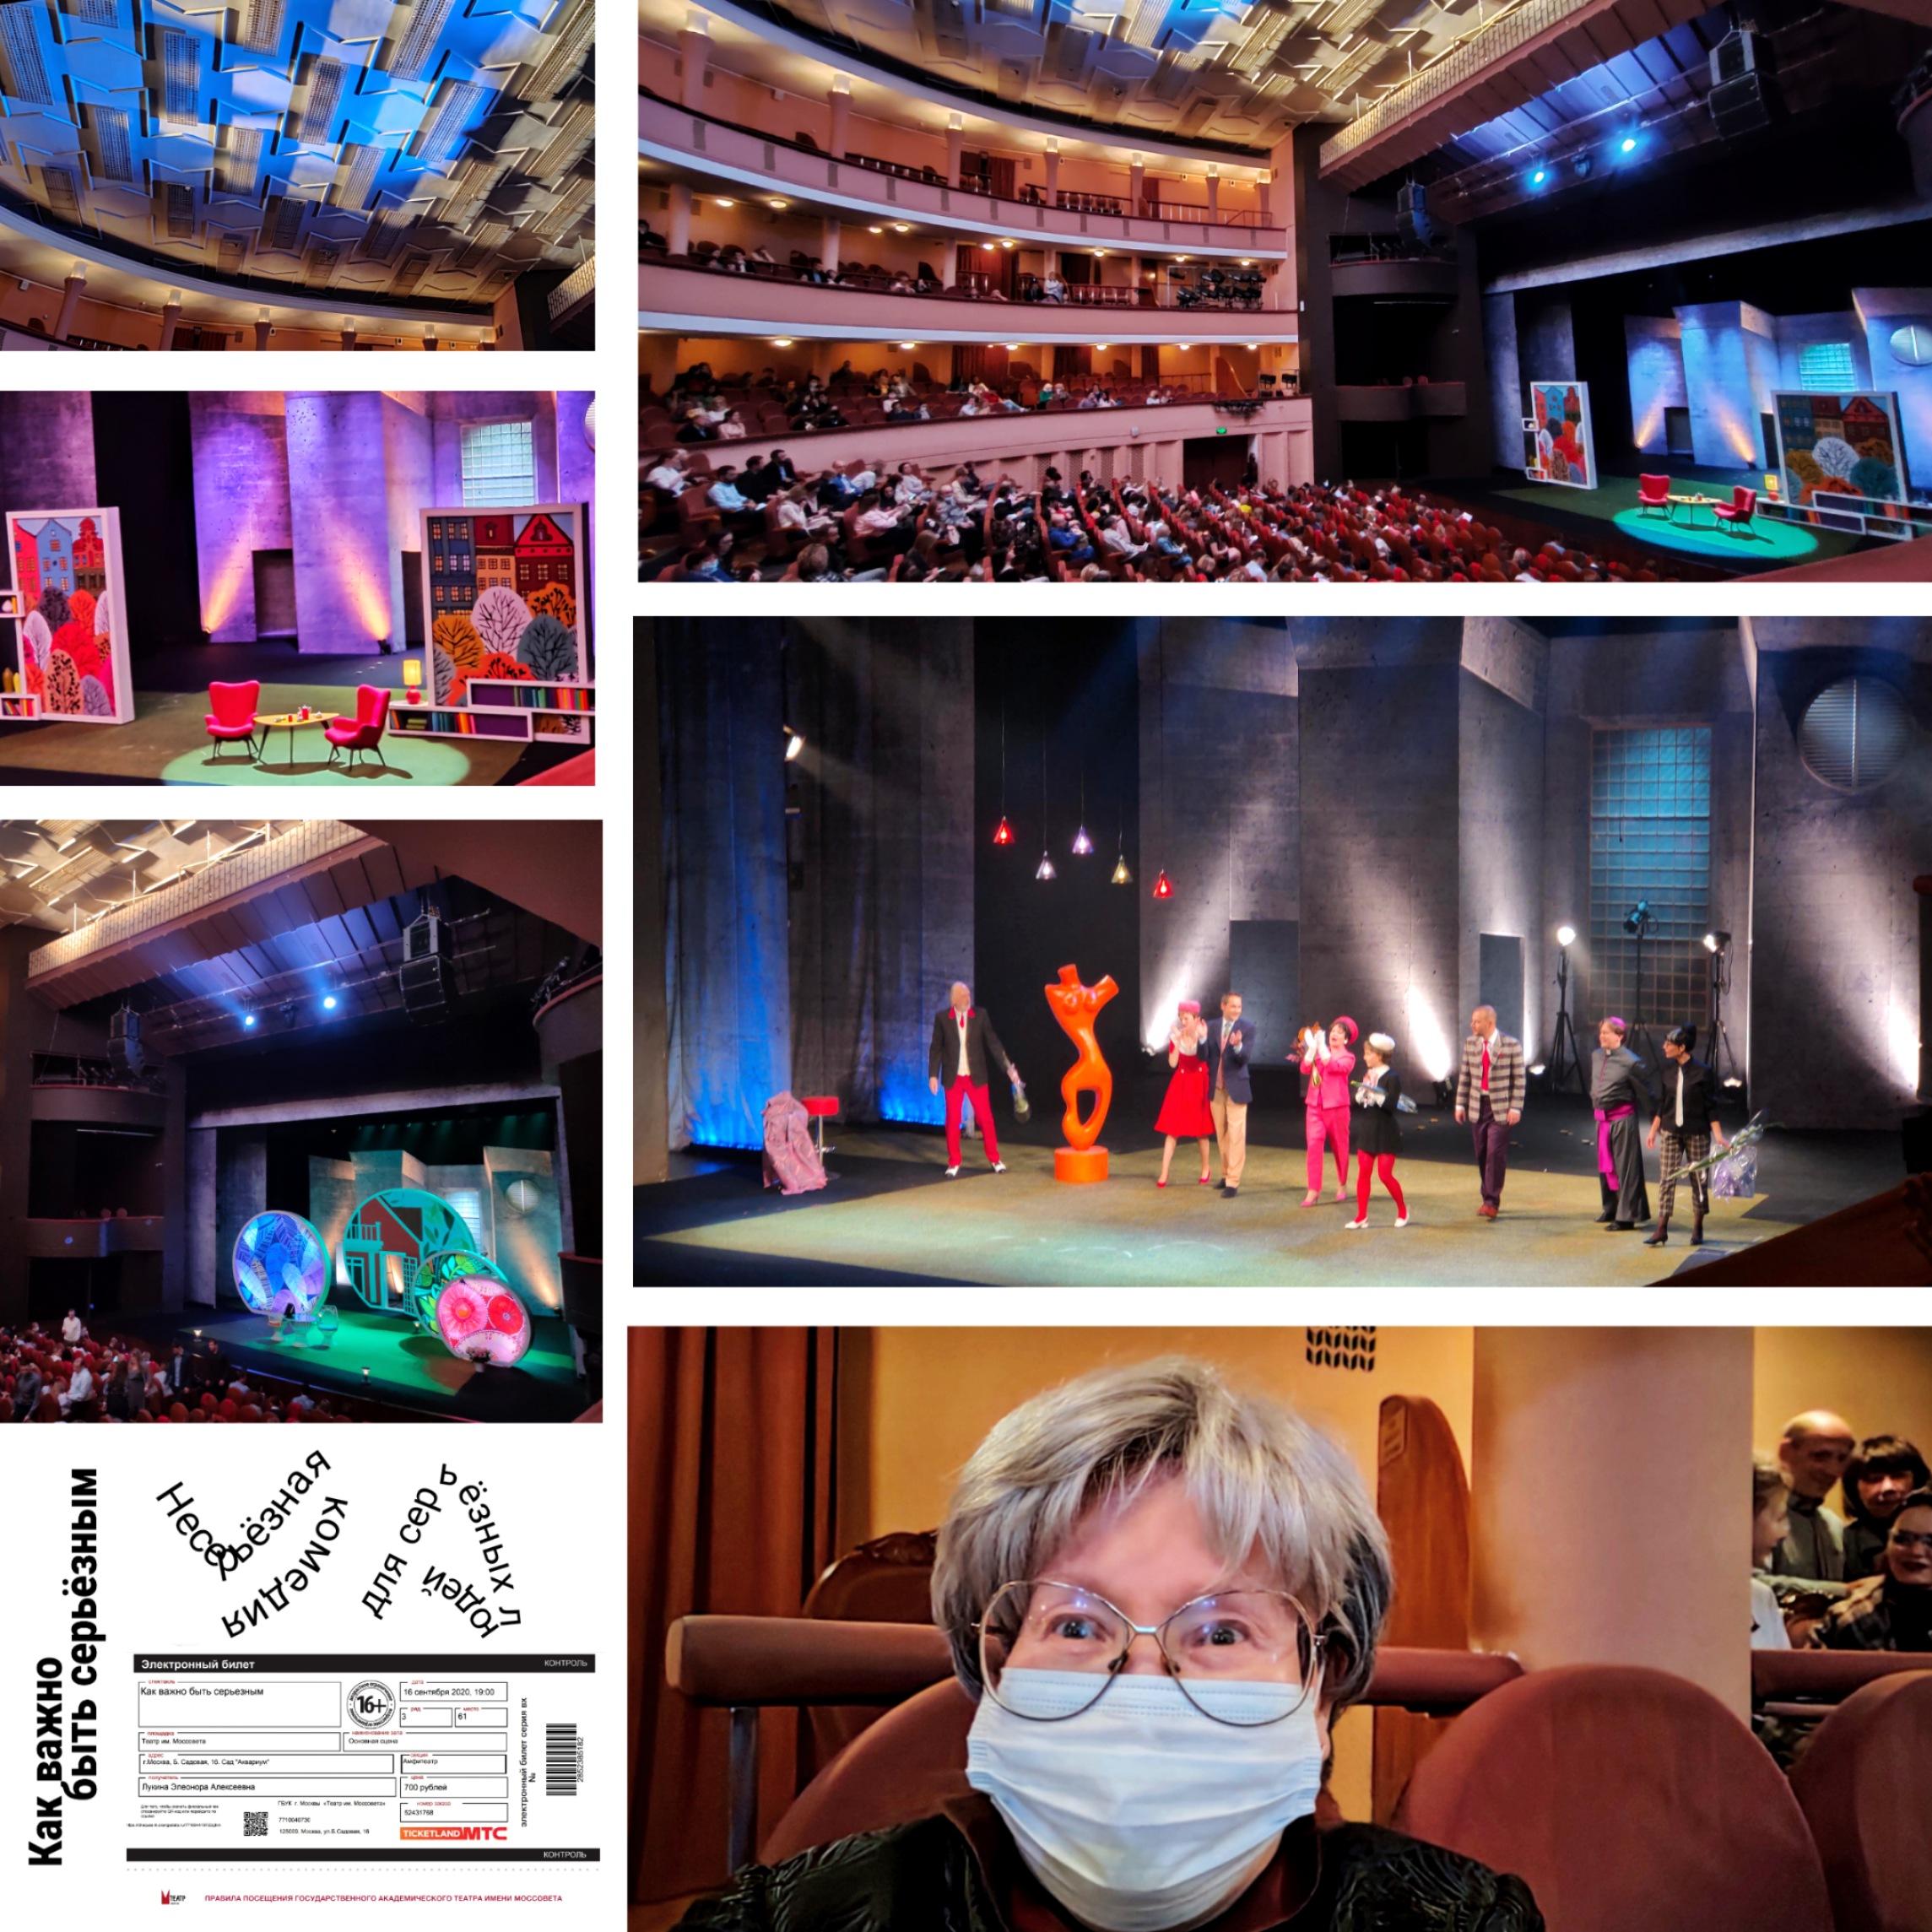 На спектакле Виктора Шамирова Как важно быть серьезным Театр им Моссовета 16.09.2020, GenuineLera, 2289x2289